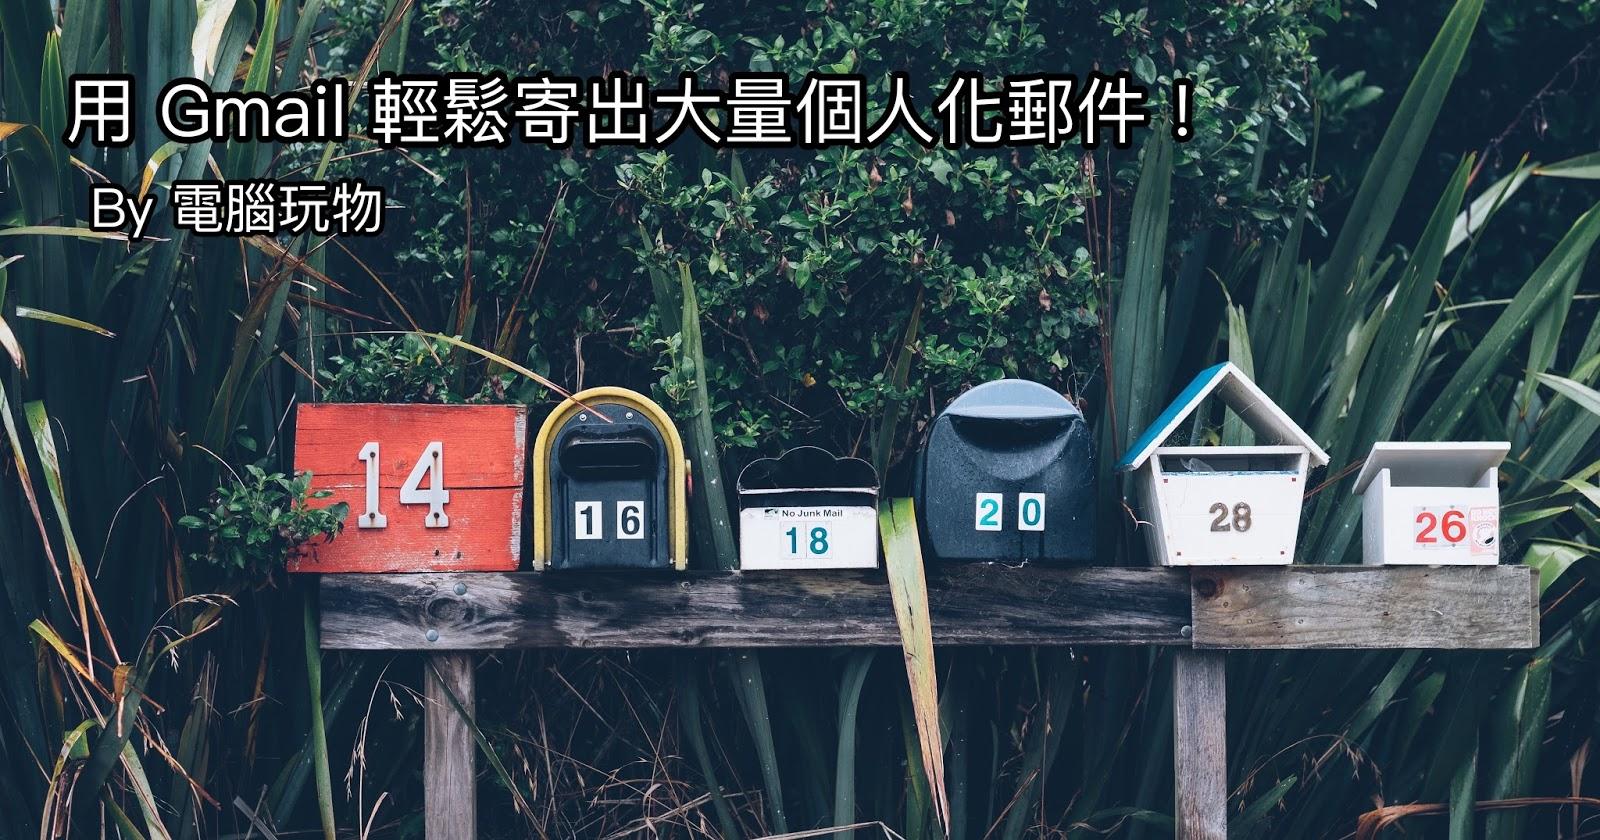 Gmail 超簡單寄送大量客製化郵件! Google 合併列印郵件教學